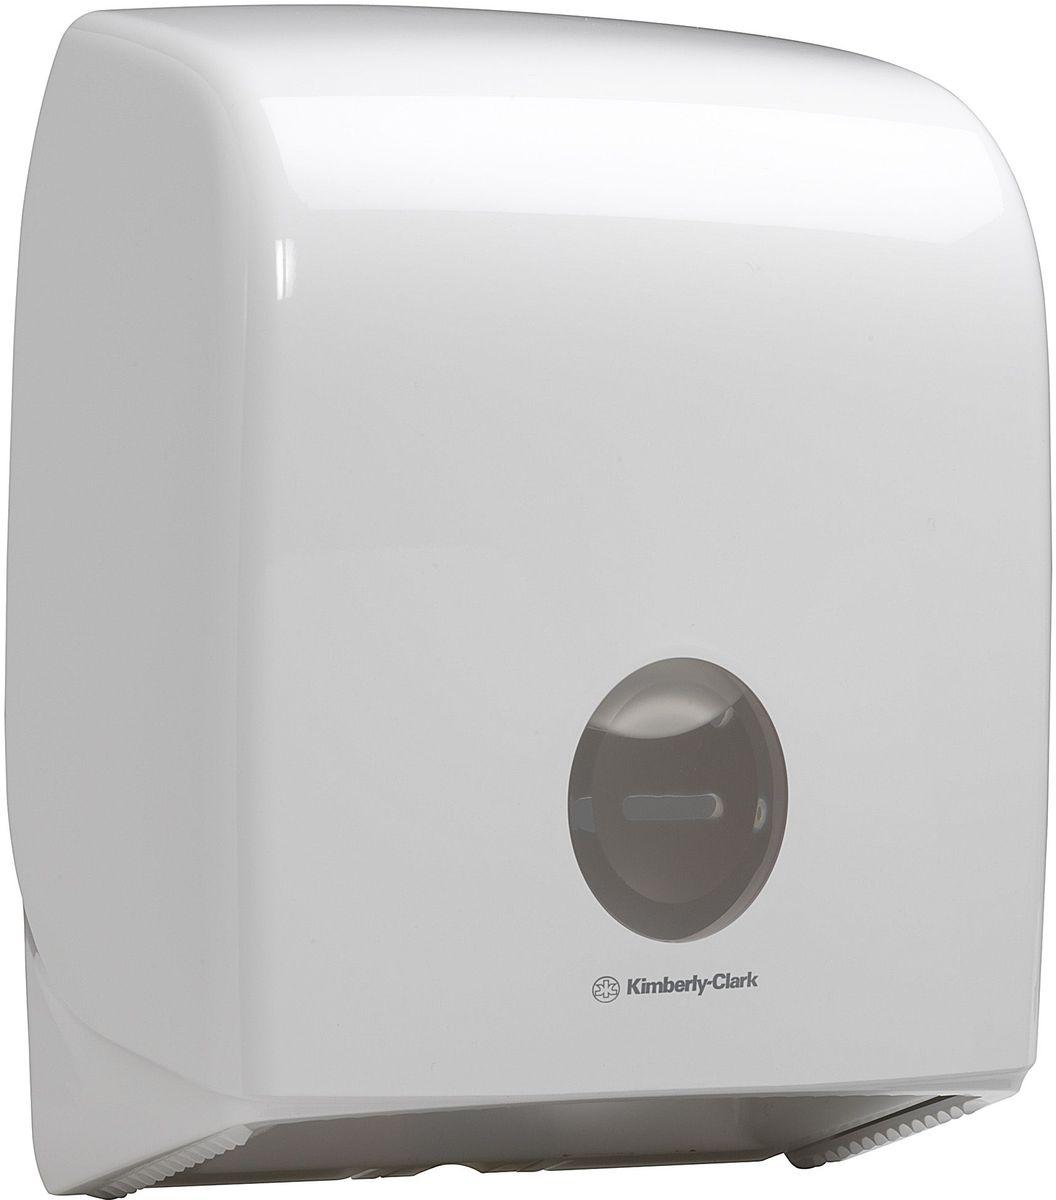 Диспенсер для туалетной бумаги Aquarius Jumbo, большой рулон, цвет: белый. 695868/5/1Ассортимент диспенсеров для рулонной туалетной бумаги, которые выполнены в одном стиле с диспенсерами для мыла и для полотенец для рук. Диспенсеры мотивируют сотрудников соблюдать гигиенические нормы, повышают уровень комфорта, демонстрируют заботу о персонале и помогают сократить расходы. Идеальное решение, обеспечивающее подачу рулонной туалетной бумаги из элегантного диспенсера в туалетных комнатах с высокой проходимостью, легкая загрузка, практичное, гигиеничное и экономичное решение. Диспенсер имеет съемную ось, и межет быть использован с рулонами с диаметром втулки 44/60/76 мм. Максимальный диаметр рулона – 200 мм.Формат поставки: диспенсер современного дизайна, обтекаемой формы, обеспечивающий быструю заправку; белое глянцевое, легко очищаемое покрытие; отсутствие мест скопления пыли и грязи; смотровое окно для контроля за расходными материалами; возможность выбора цветовых вставок в соответствие с интерьером конкретных туалетных комнат. Замена диспенсера 6988. Совместим с туалетной бумагой: 8512.